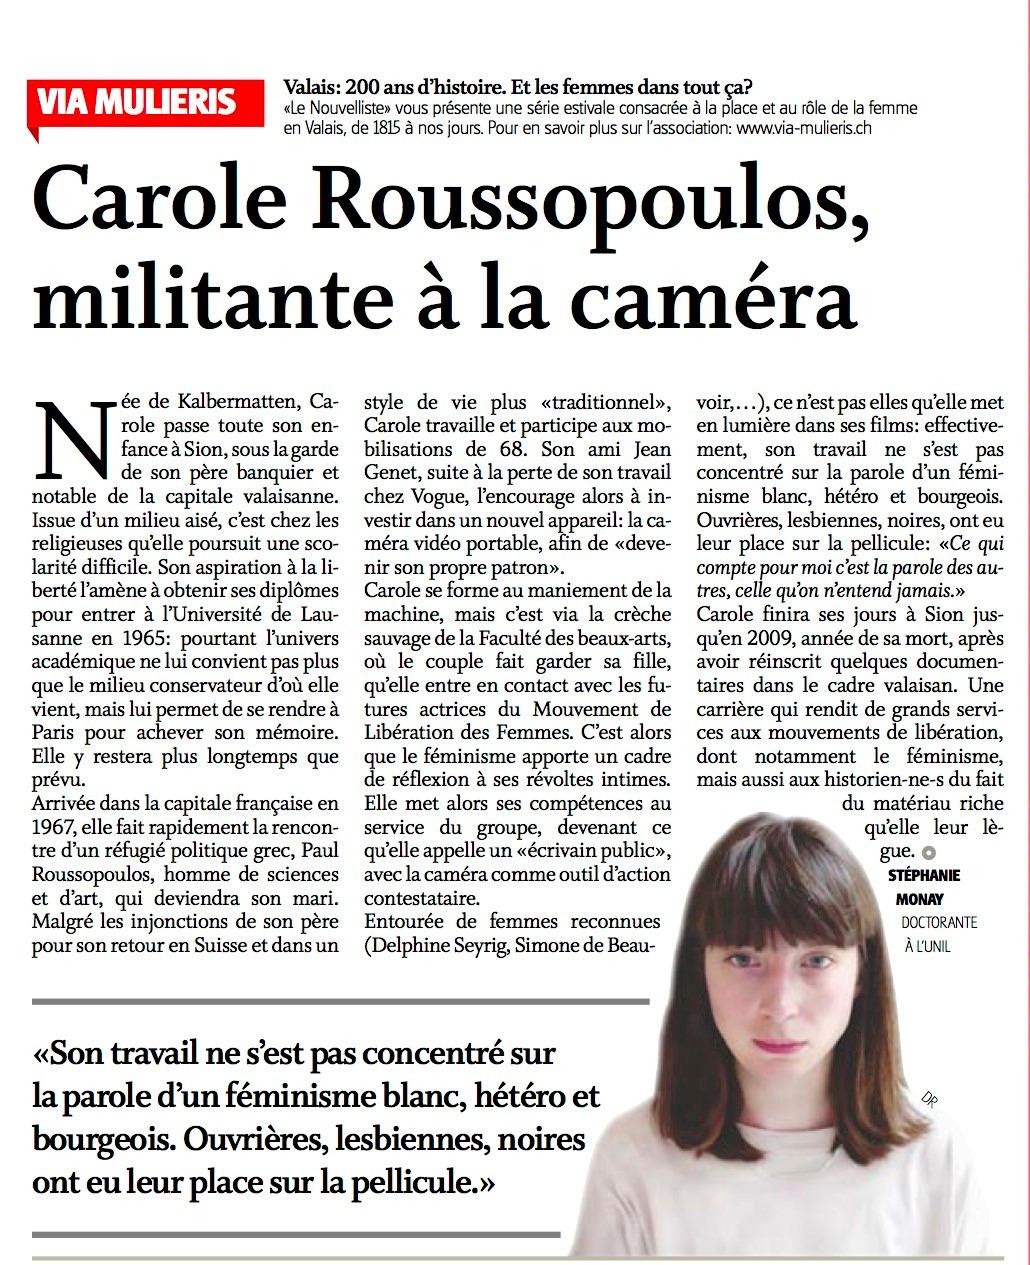 Carole Roussopoulos, militante à la caméra